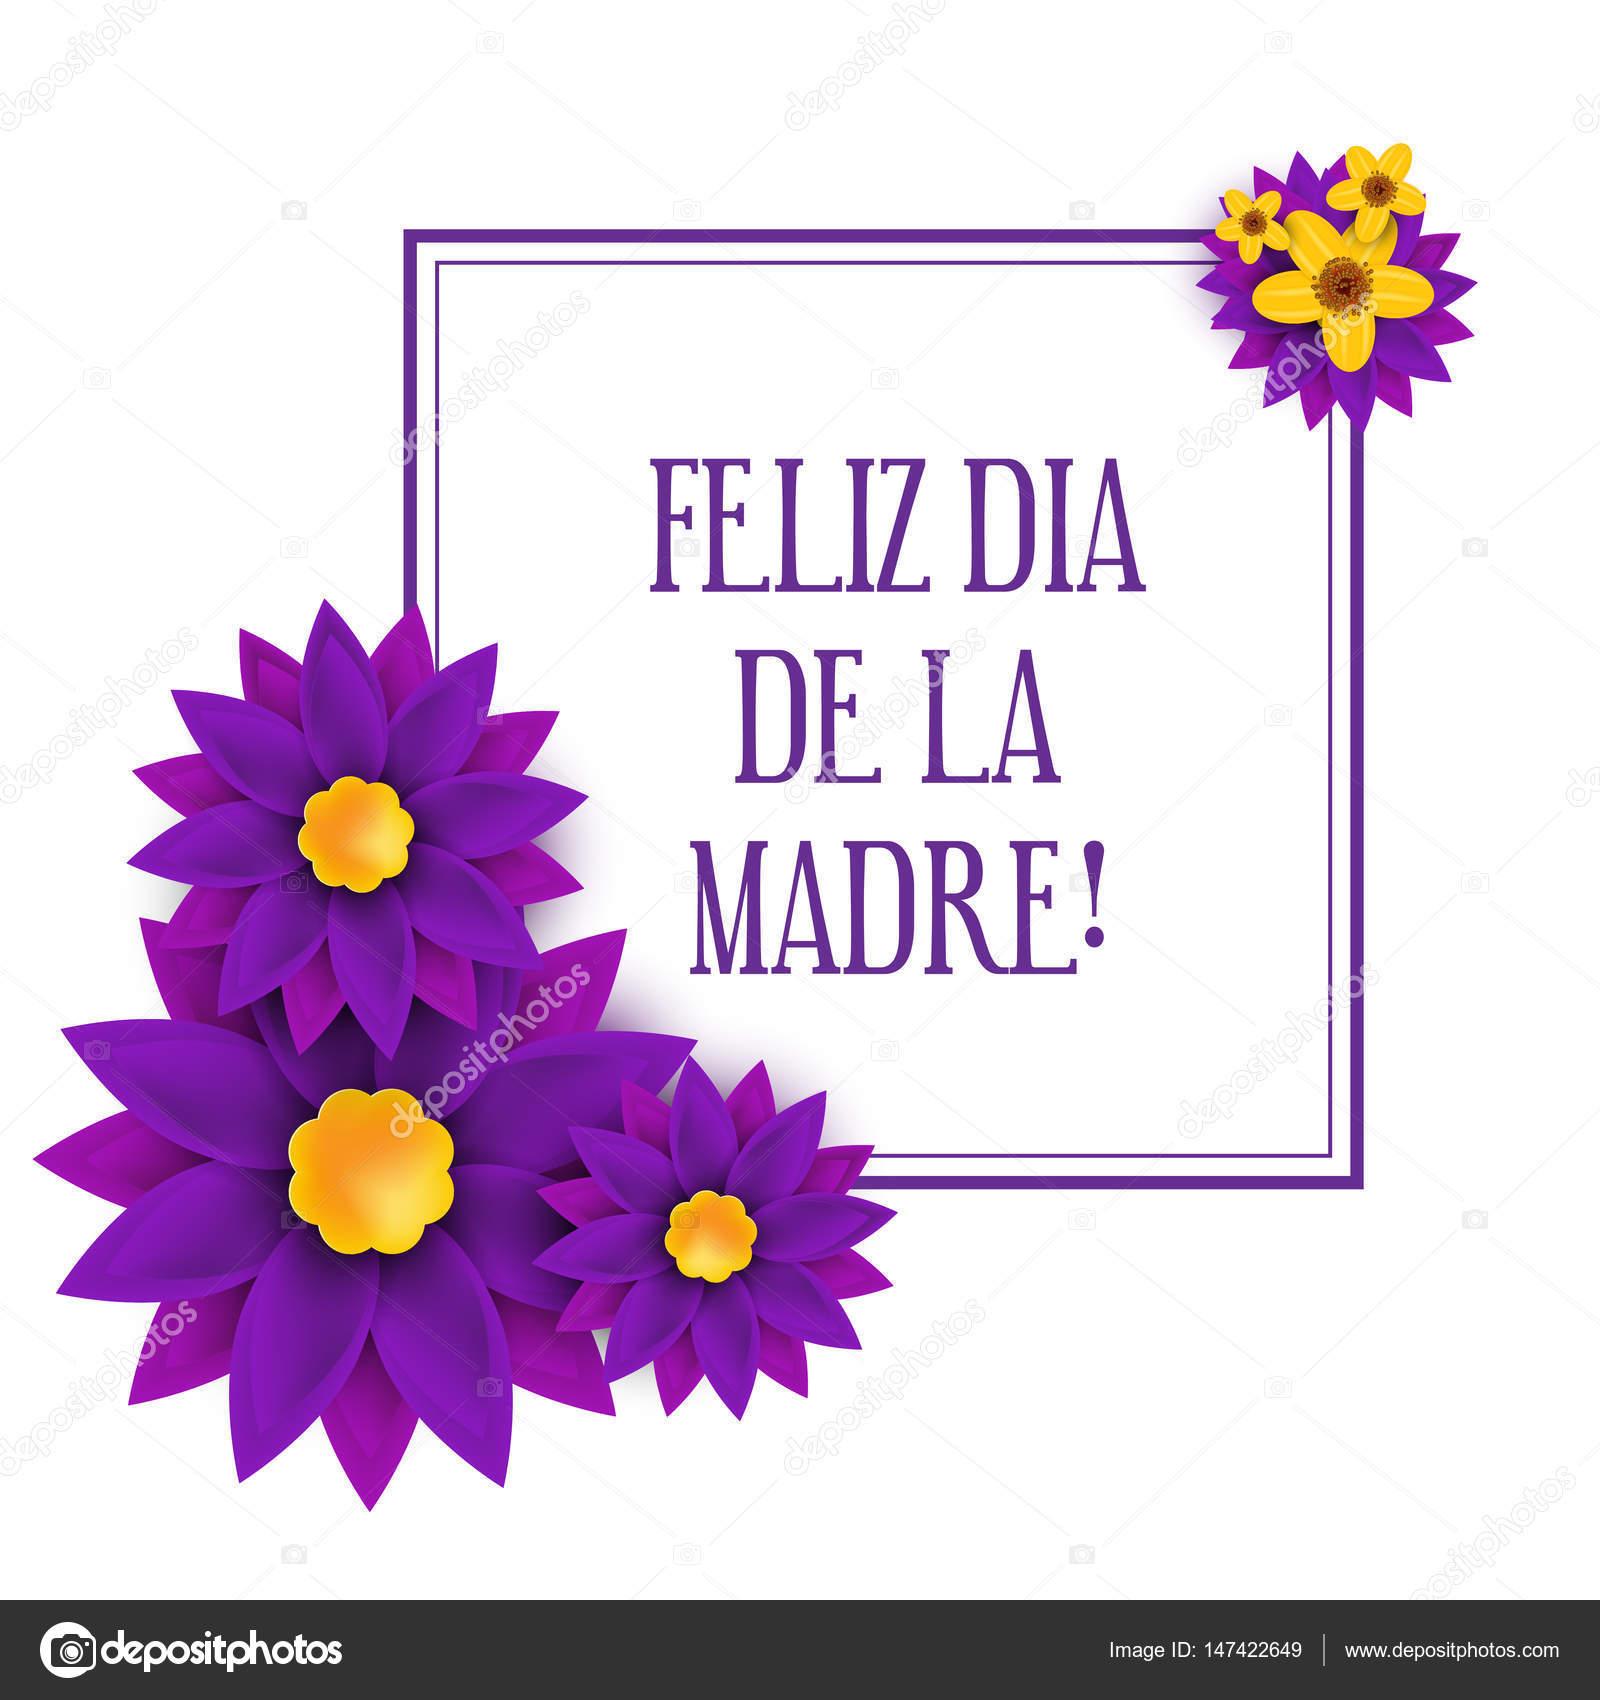 Feliz dia de la Madre szczęśliwa matka s dzień w języku hiszpańskim